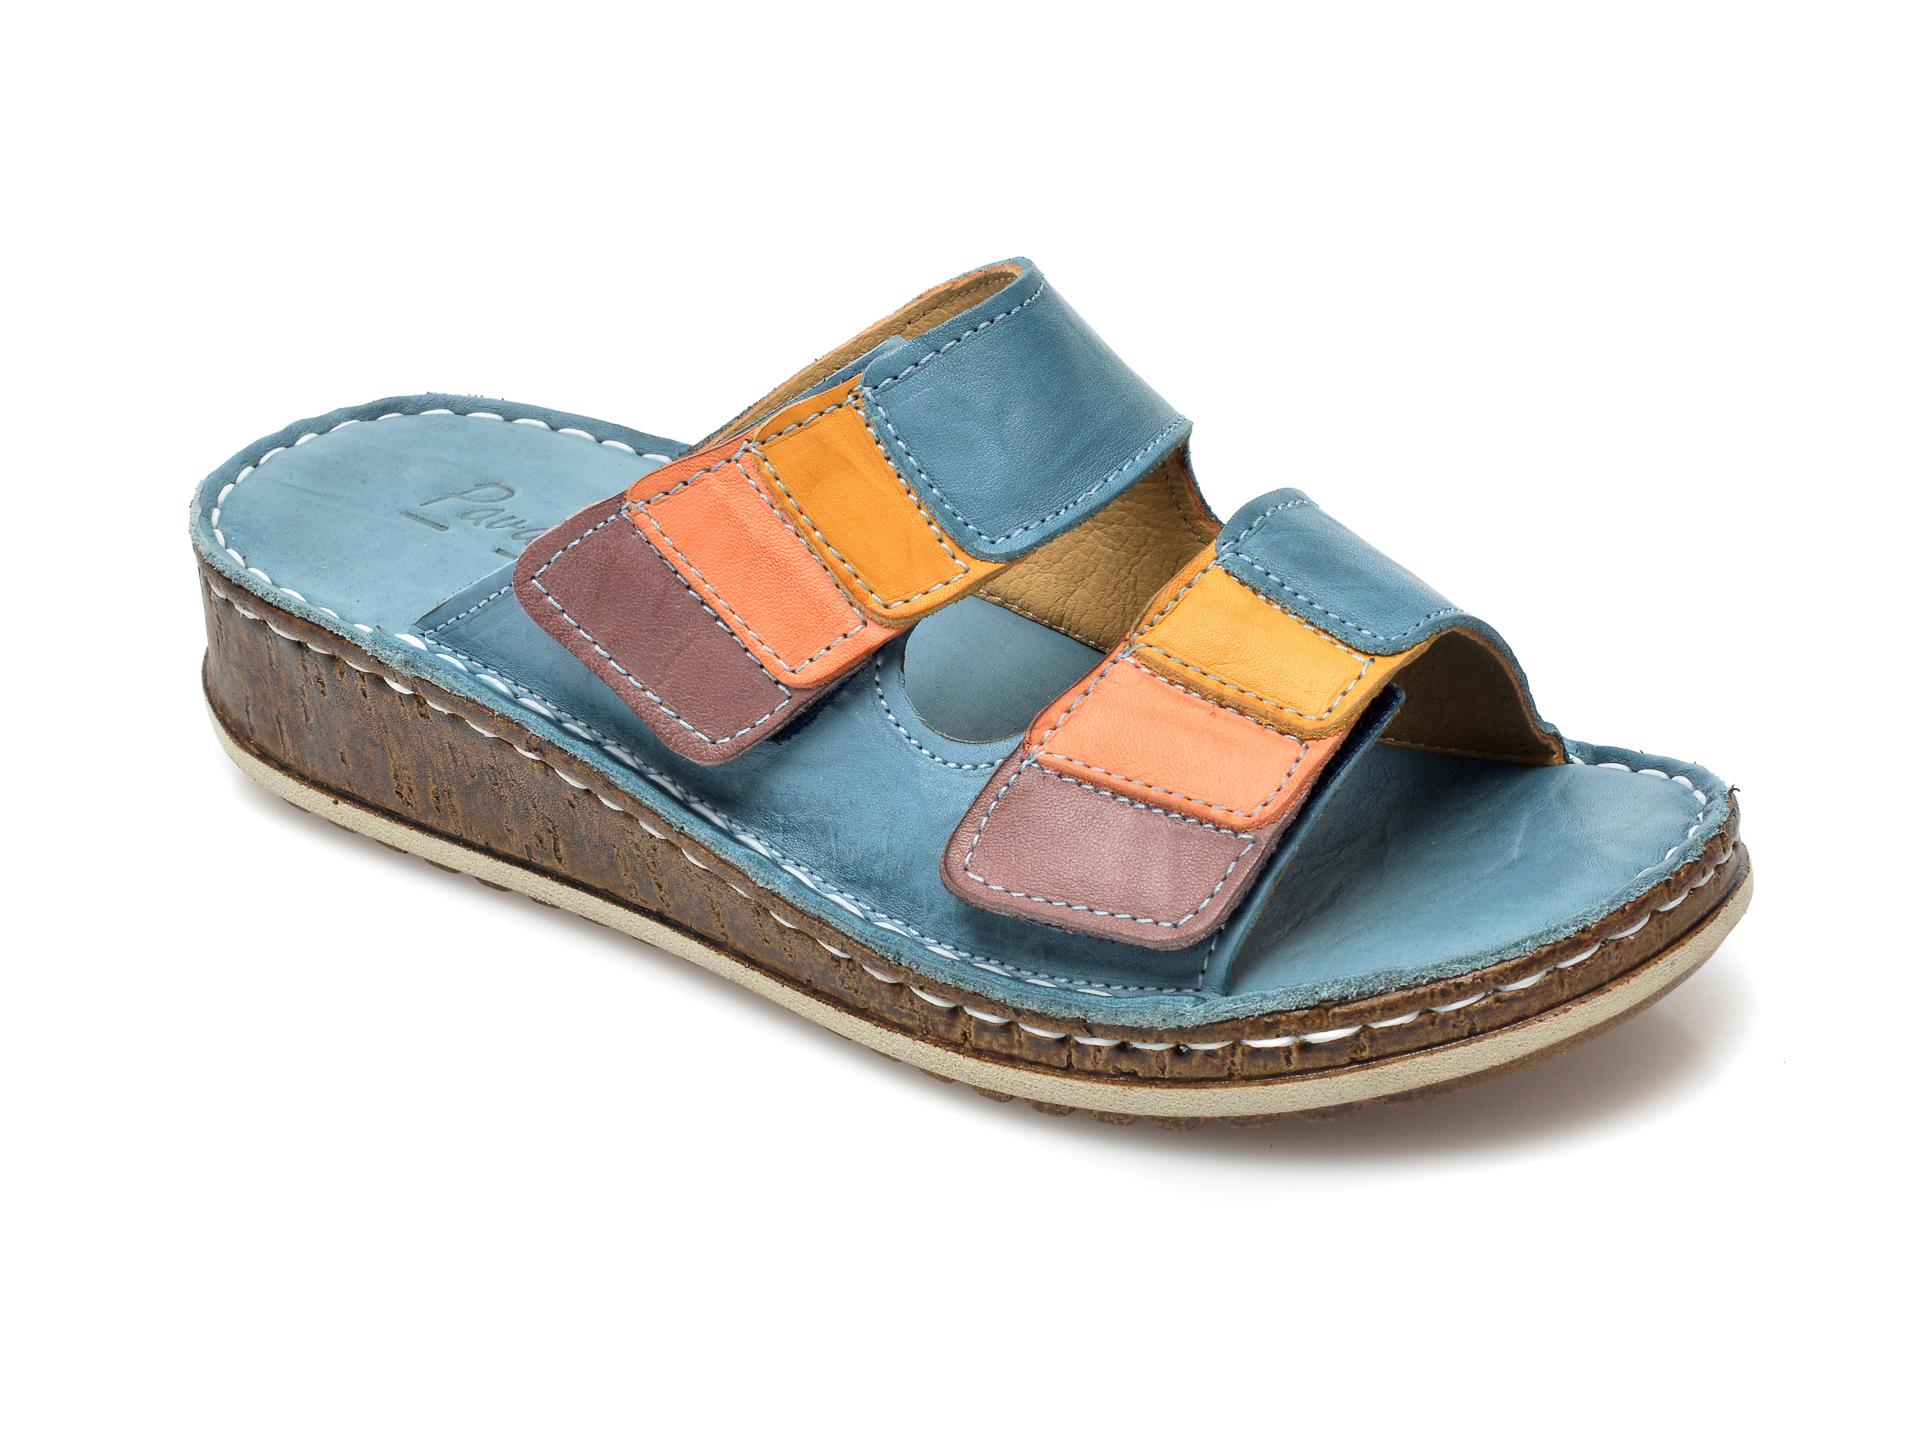 Papuci PAVARELLA albastri, 1364, din piele naturala imagine otter.ro 2021